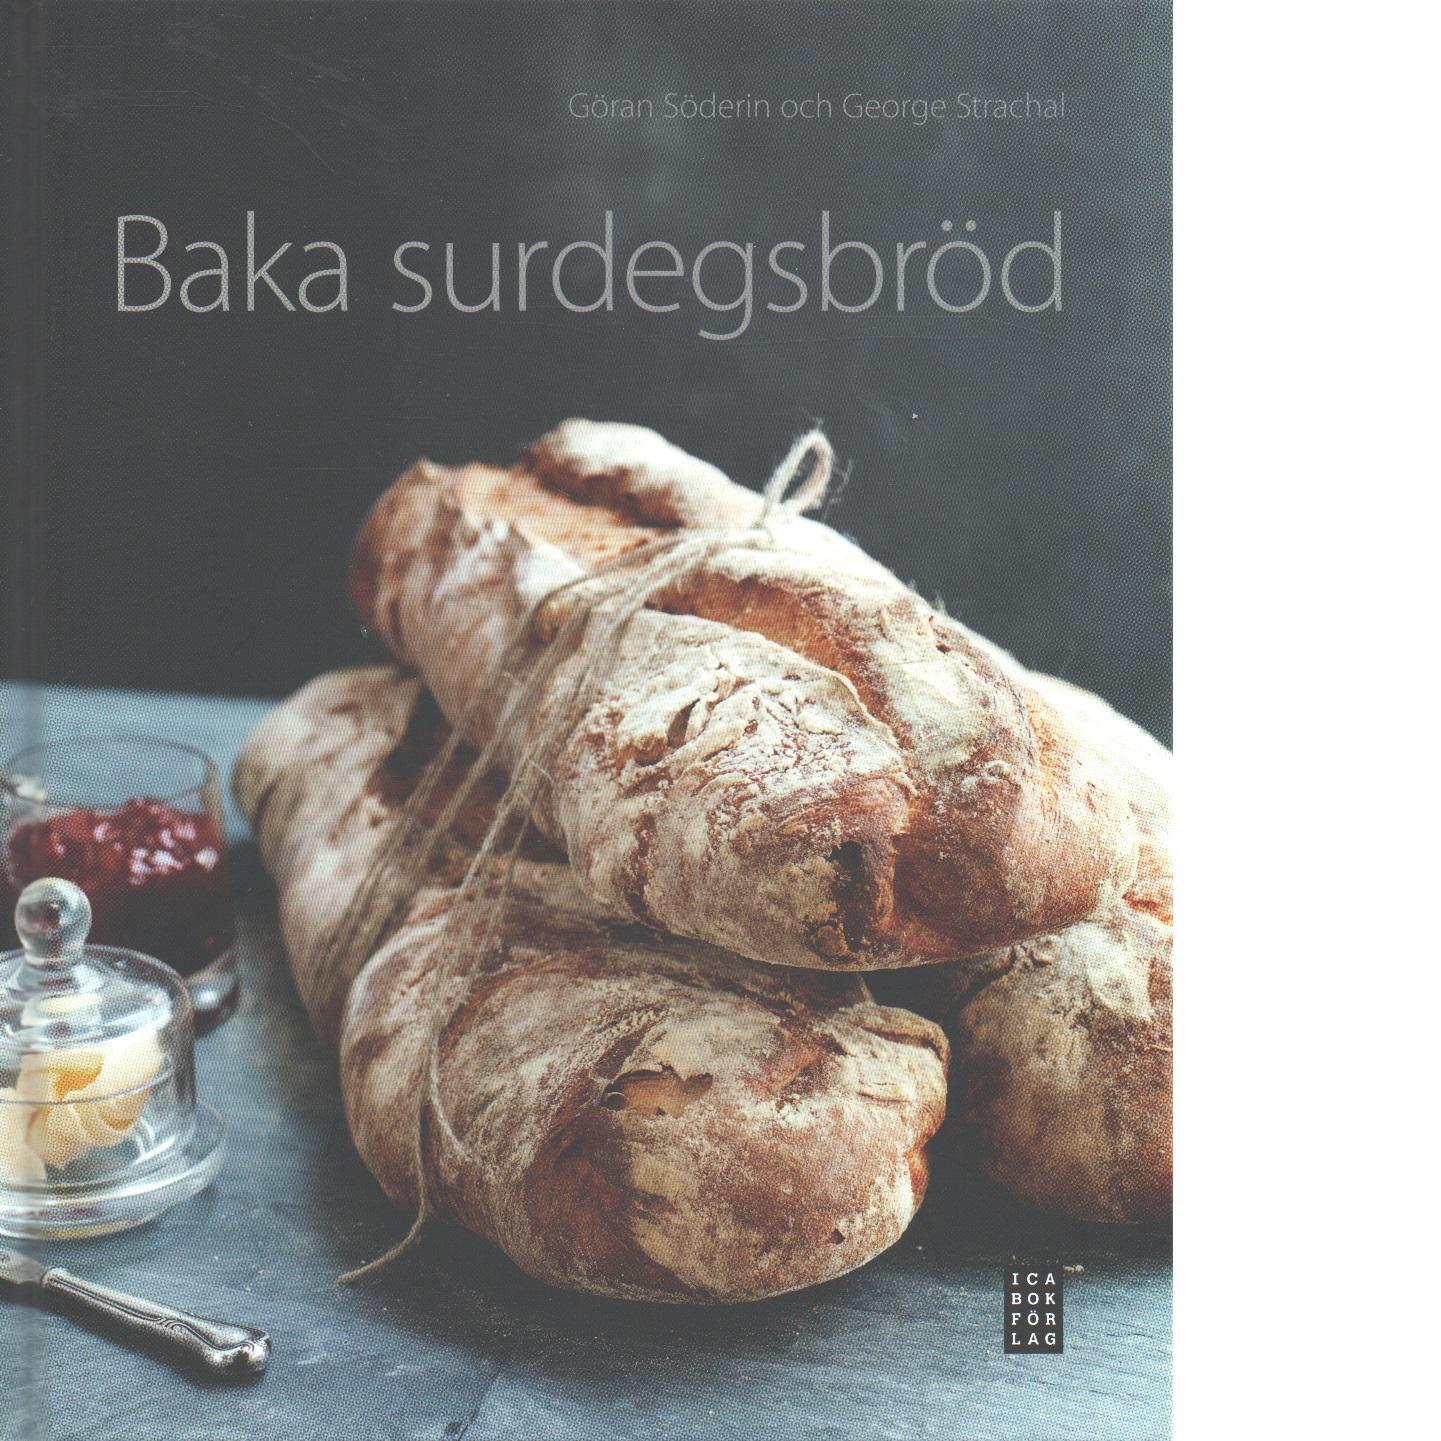 Baka surdegsbröd  - Söderin, Göran och Strachal, George